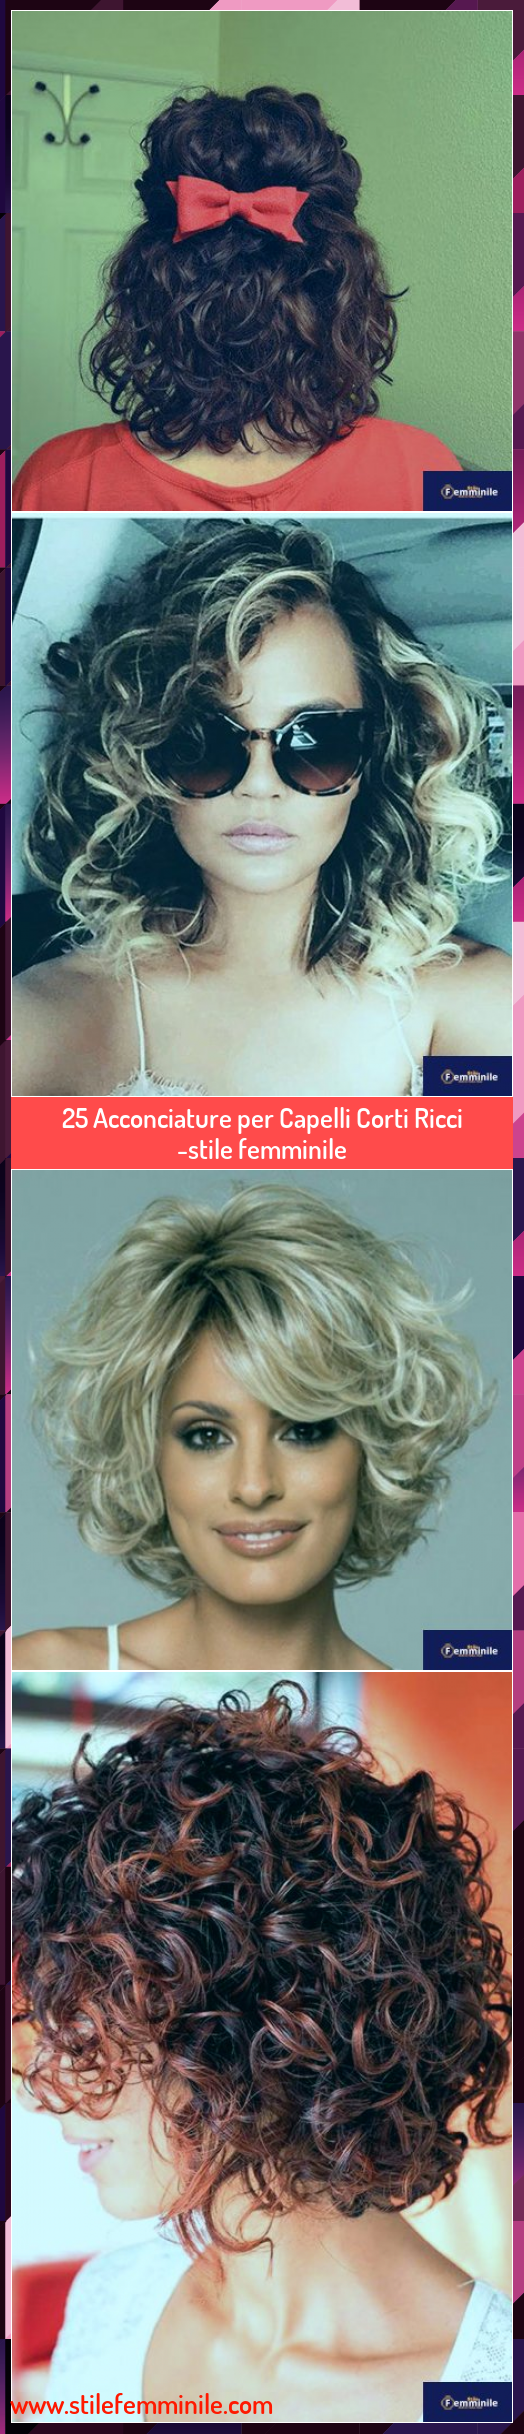 25 Acconciature per Capelli Corti Ricci -stile femminile ...